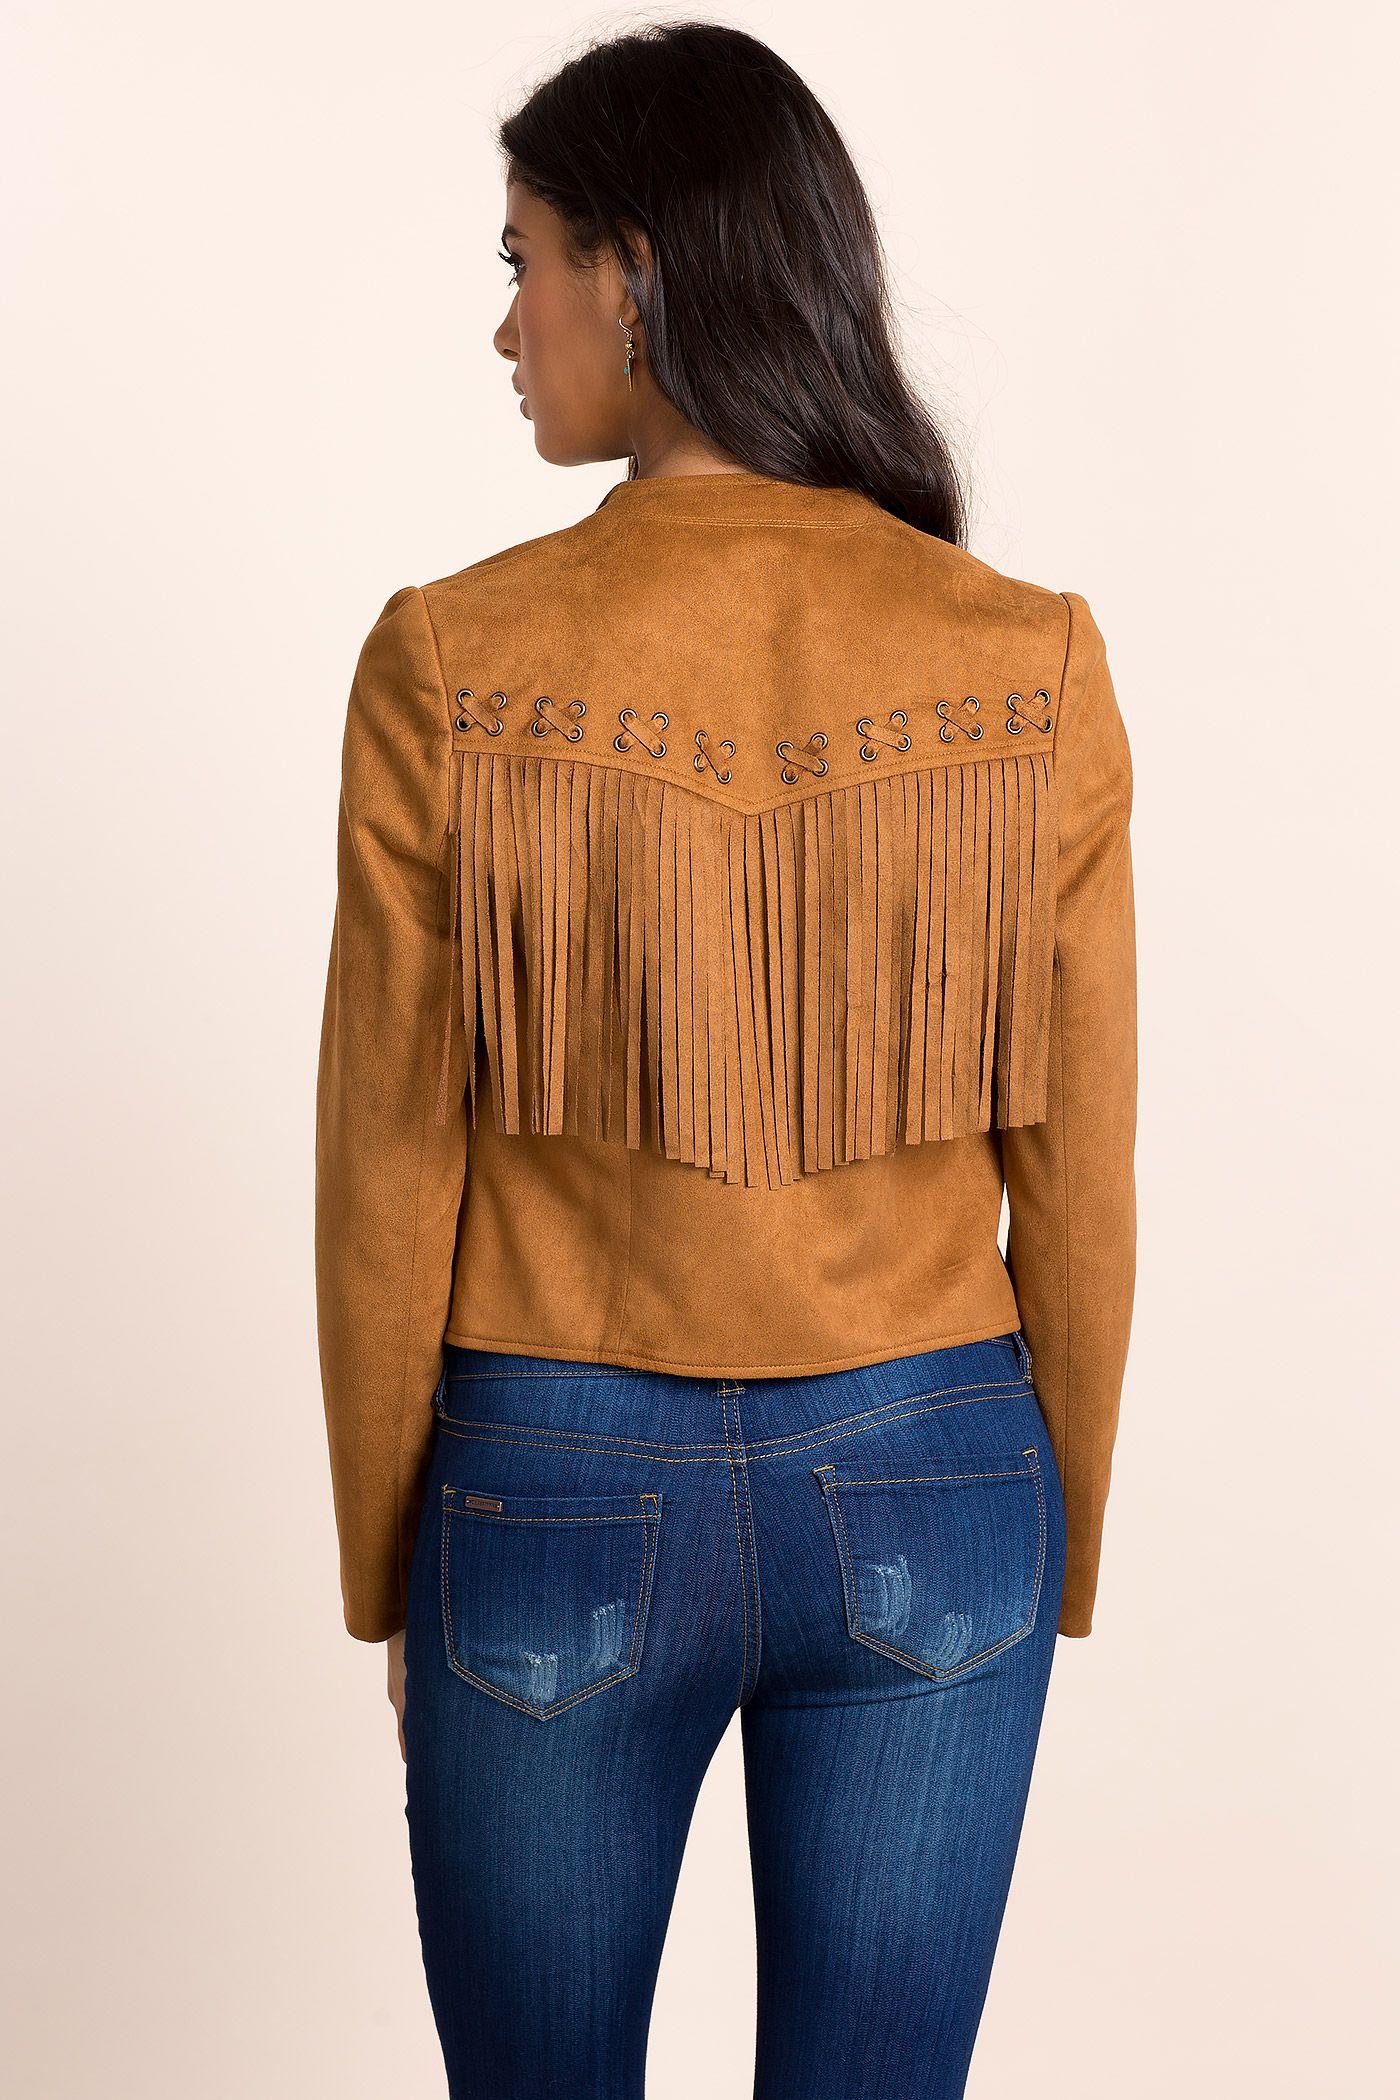 Замшевая куртка Размеры: S, M, L Цвет: бежевый Цена: 2917 руб.     #одежда #женщинам #куртки #коопт